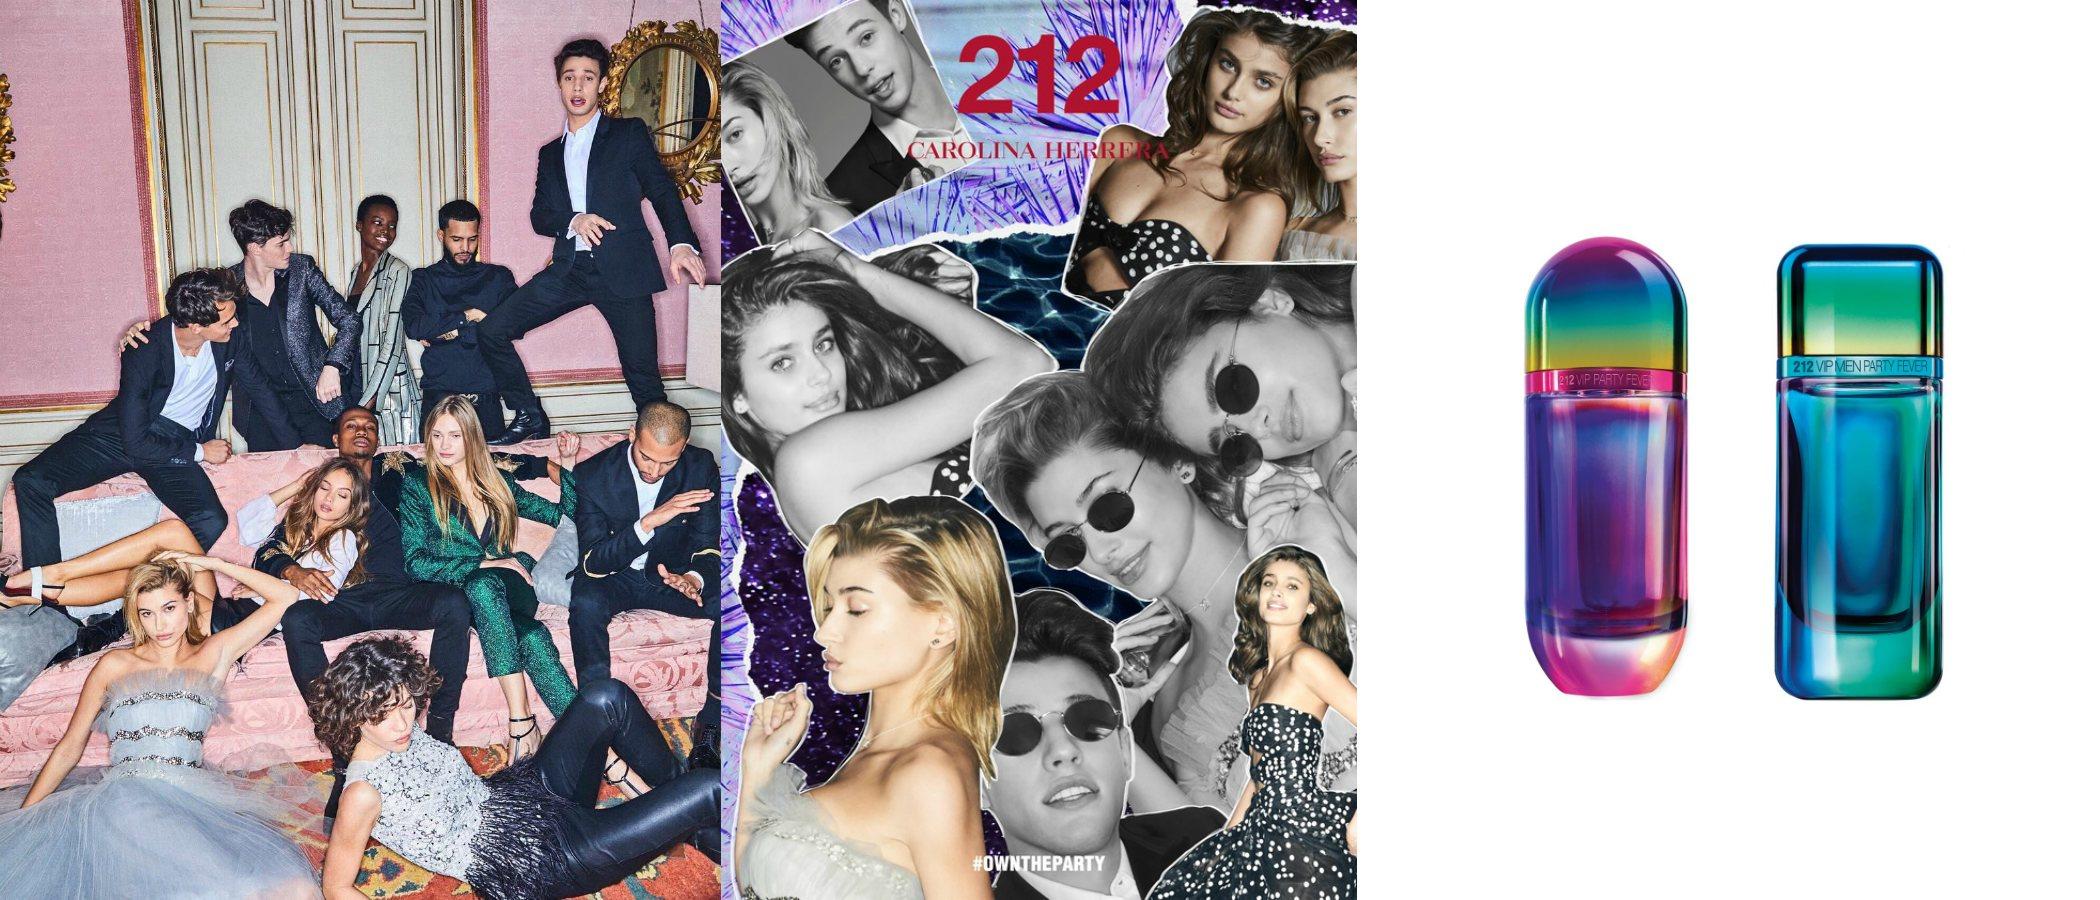 '212 VIP Party Fever', la nueva versión de las fragancias para mujer y para hombre de Carolina Herrera